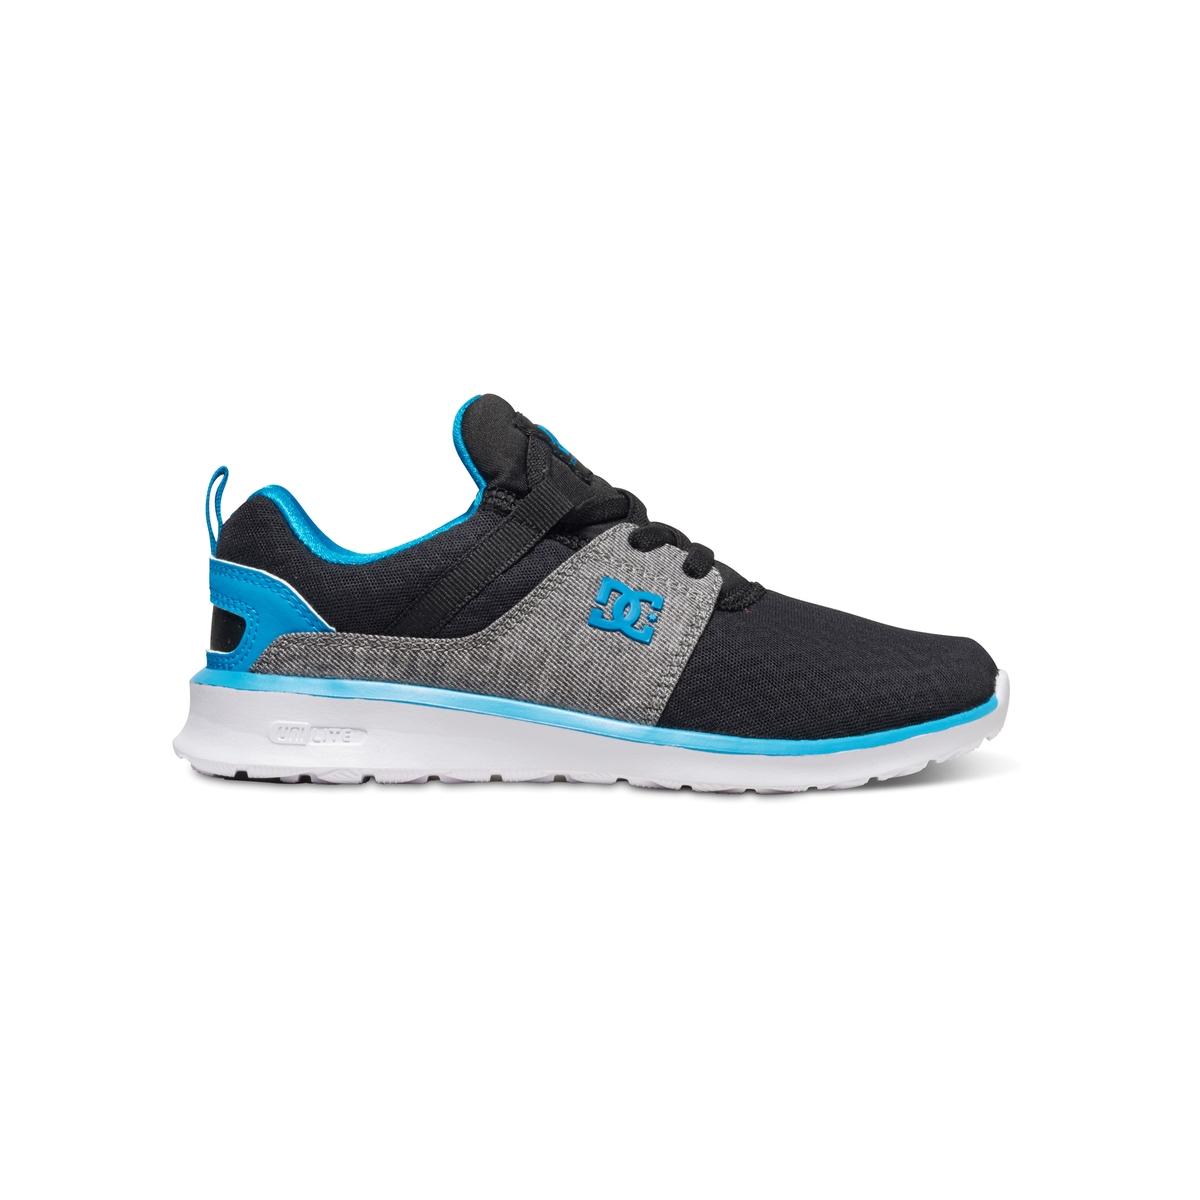 Кеды низкие DC SHOES HEATHROW B SHOE HB1Кеды низкие, на шнуровке, HEATHROW B SHOE HB1 от DC SHOES.Верх: текстильПодкладка: текстильСтелька: текстиль Подошва : каучук Застежка : шнуровкаМарка DC Shoes, появившаяся в 1994 году,  позиционирует себя, как королева скольжения и создает стильные и технологичные коллекции для скейтборда, серфинга, сноуборда и даже для велосипедного мотокросса, мотоспорта и экстремальных видов спорта   . В своих коллекциях она предлагает модную городскую обувь, невероятно легкую и как всегда с калифорнийским колоритом  ! Подтверждением этому стала комфортная, крепкая и стильная модель HEATHROW !<br><br>Цвет: черный/ синий<br>Размер: 28